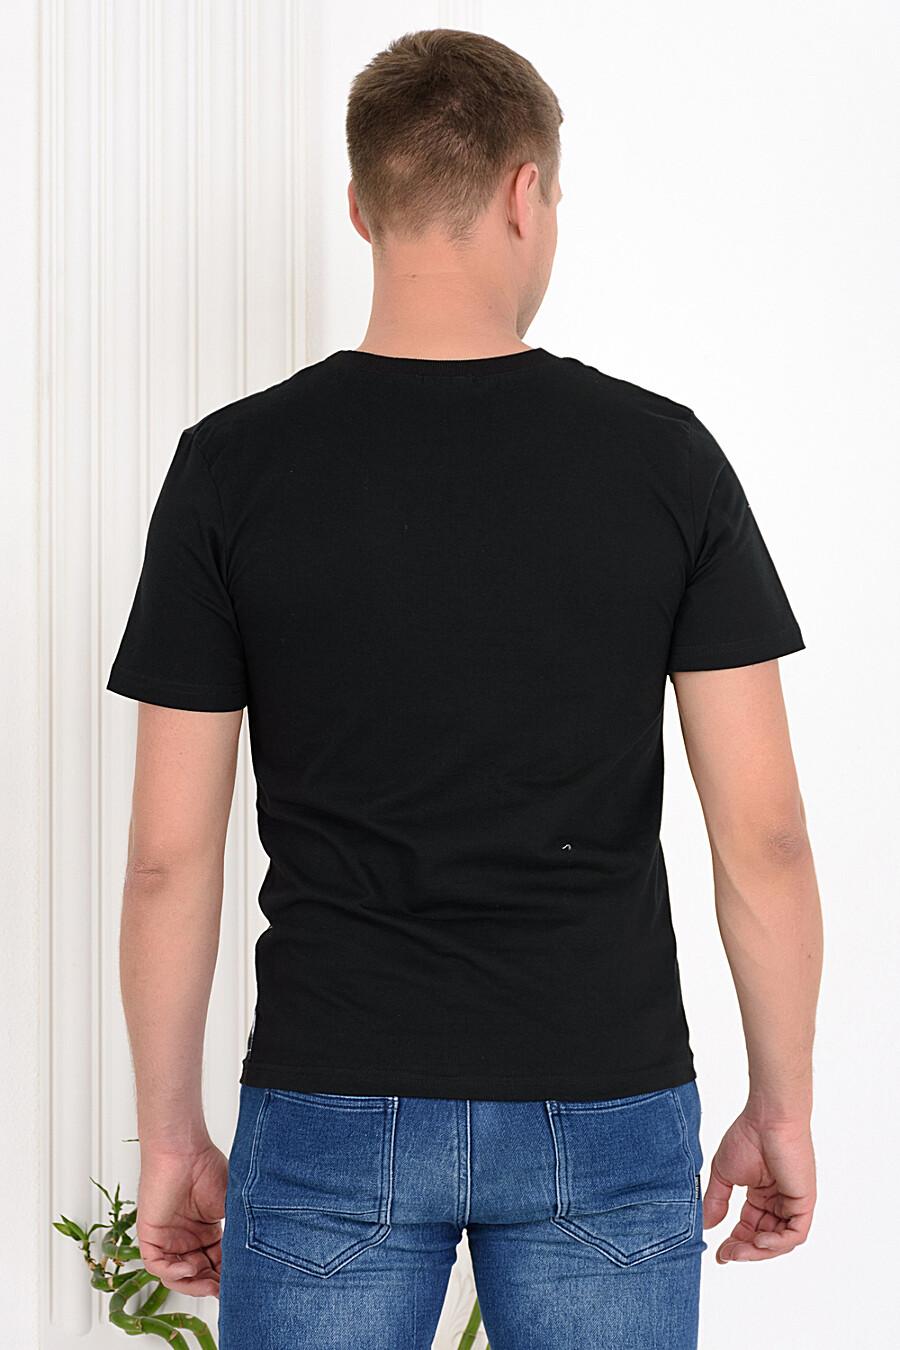 Футболка 36019 для мужчин НАТАЛИ 668160 купить оптом от производителя. Совместная покупка мужской одежды в OptMoyo